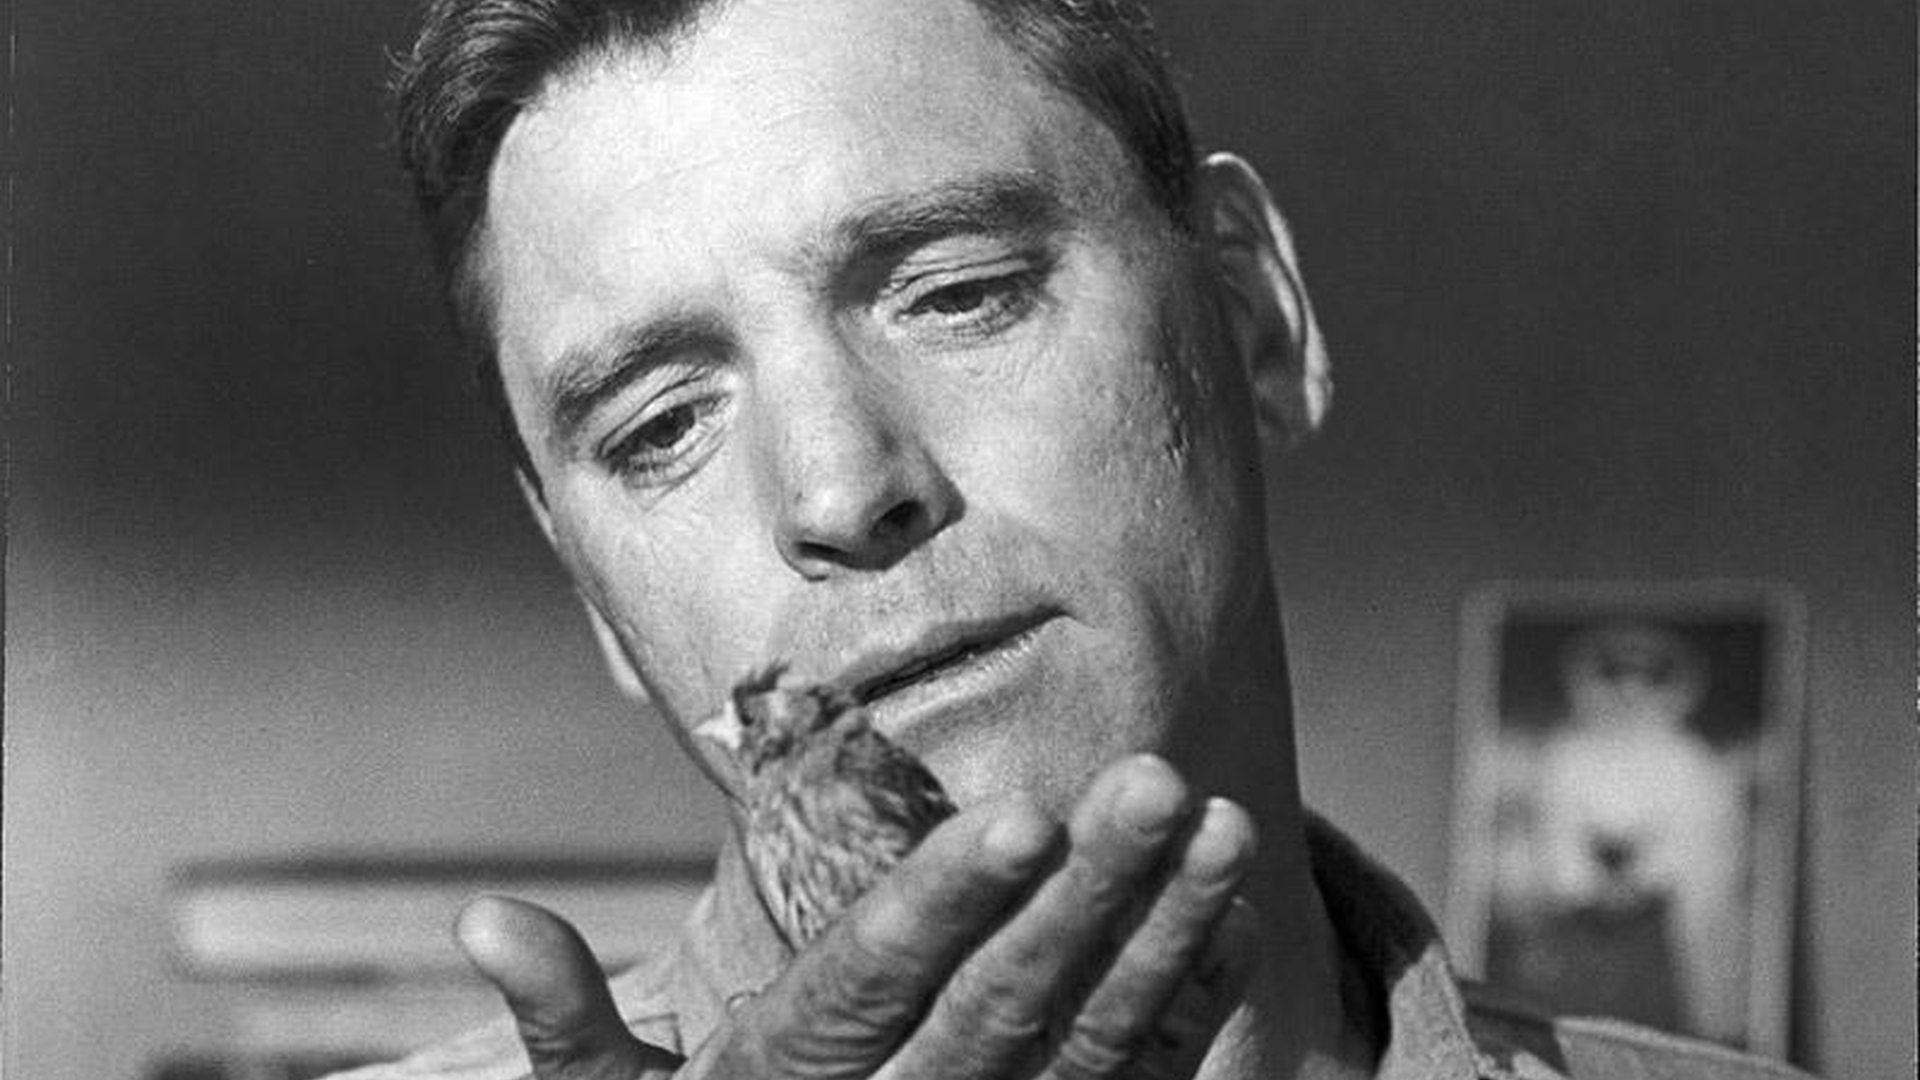 El hombre de alcatraz | Cinemanet